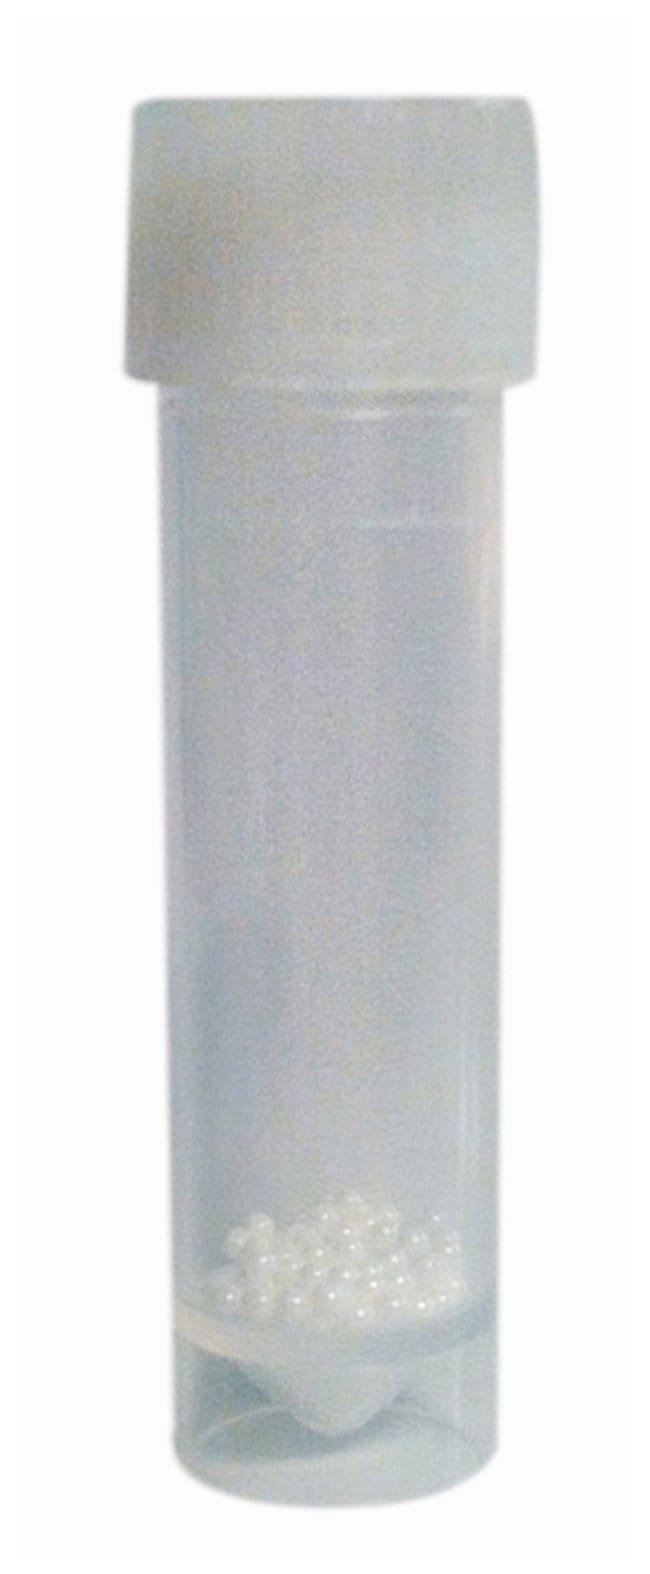 Fisherbrand™Tubos precargados para molinos de bolas 7mL Soft Tissue Homogenizing Mix Tubes Fisherbrand™Tubos precargados para molinos de bolas